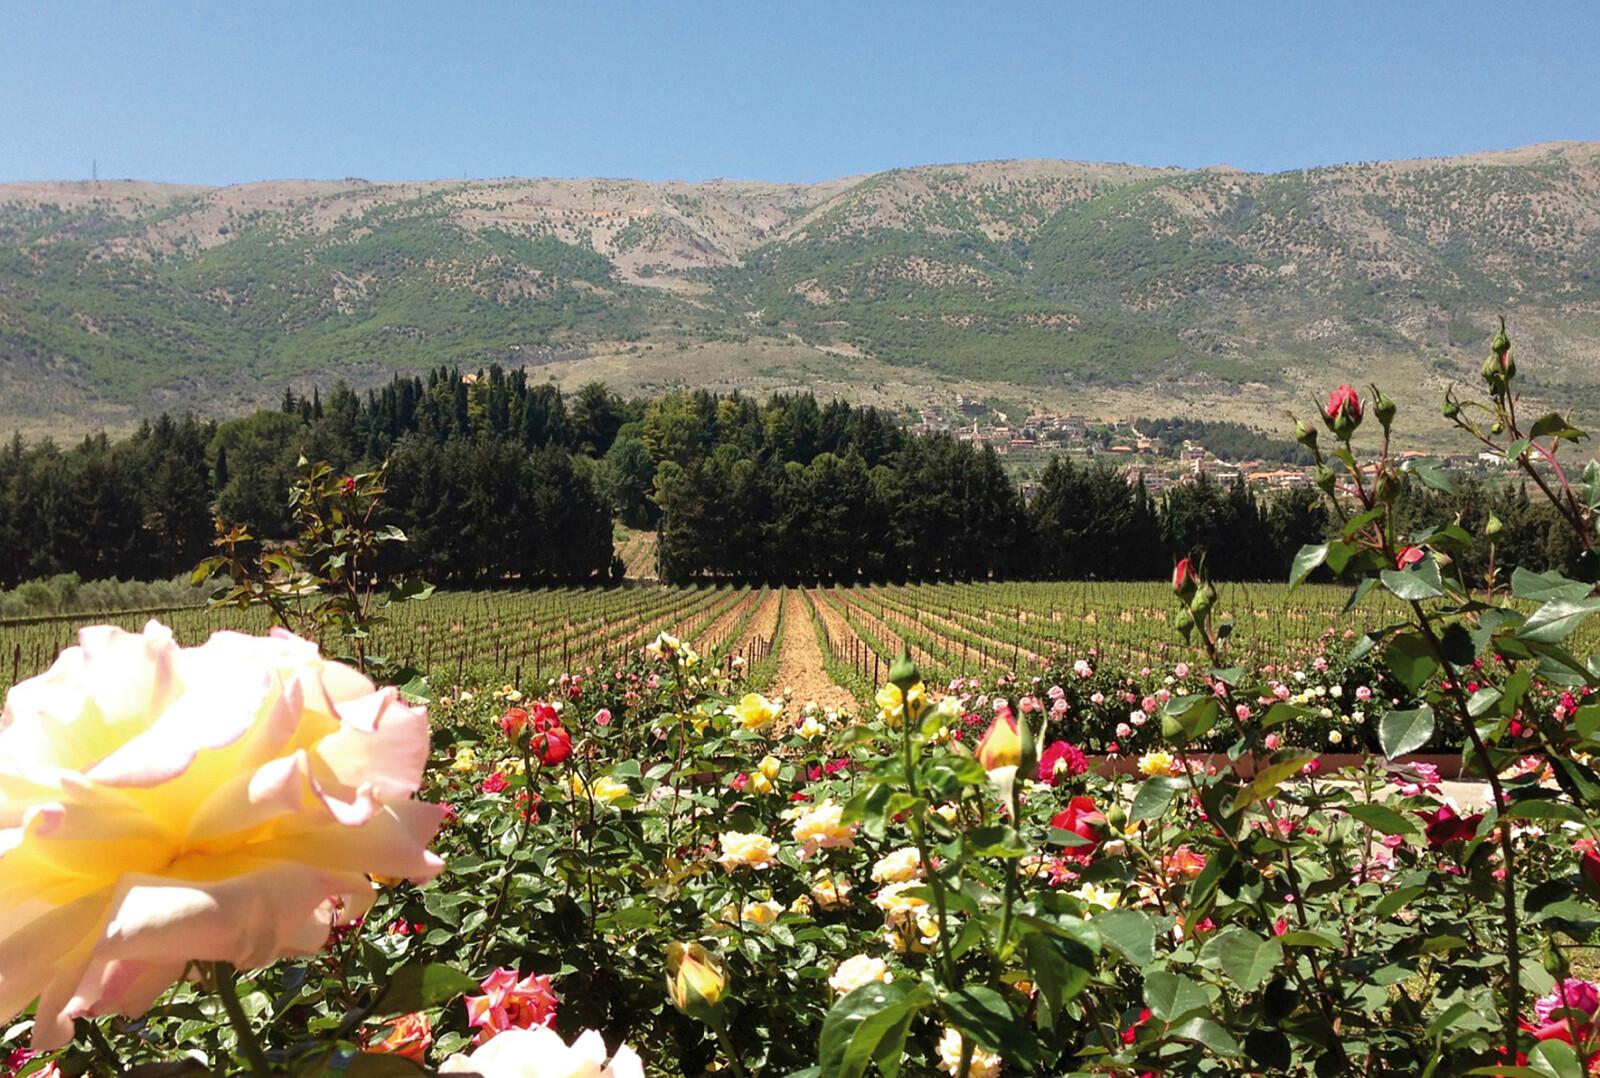 vineyard blooming.jpg [2.96 MB]